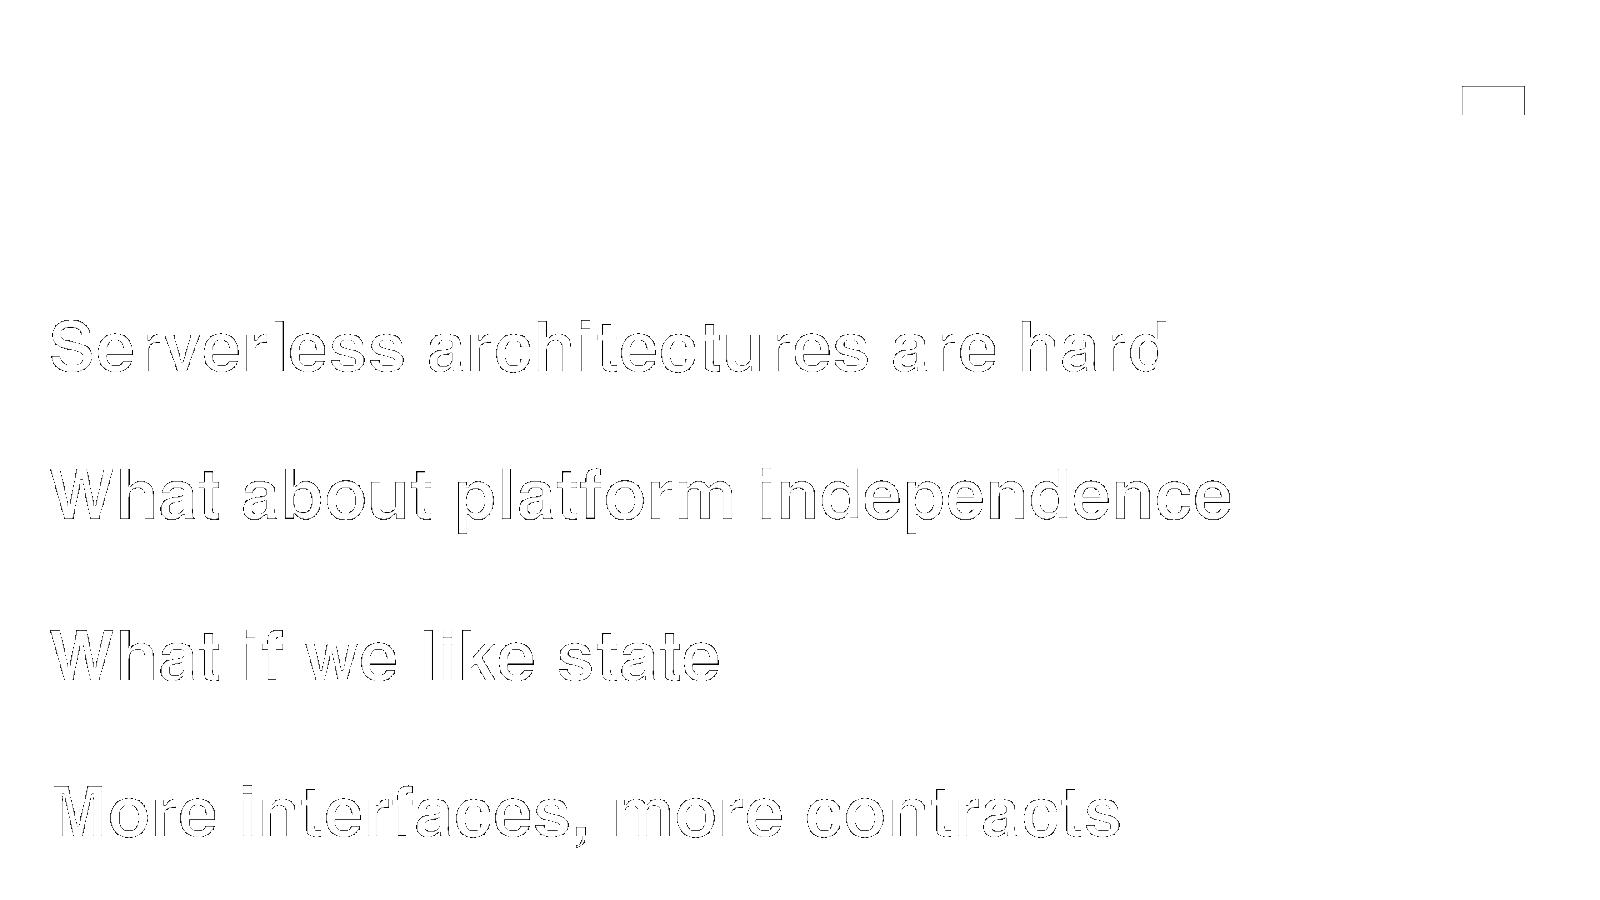 Slide 47